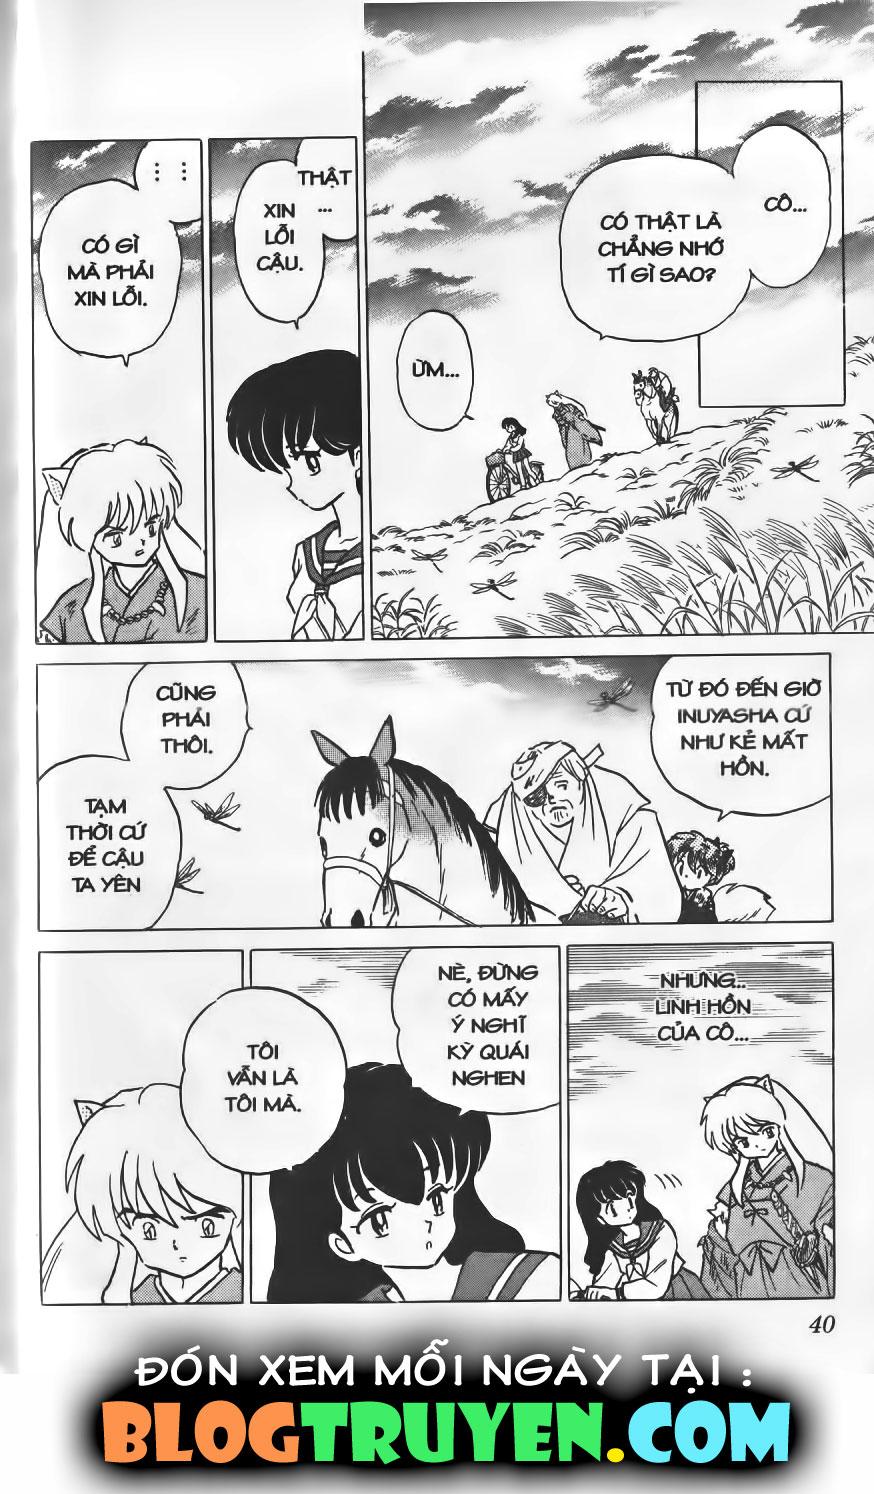 Inuyasha vol 06.2 trang 17